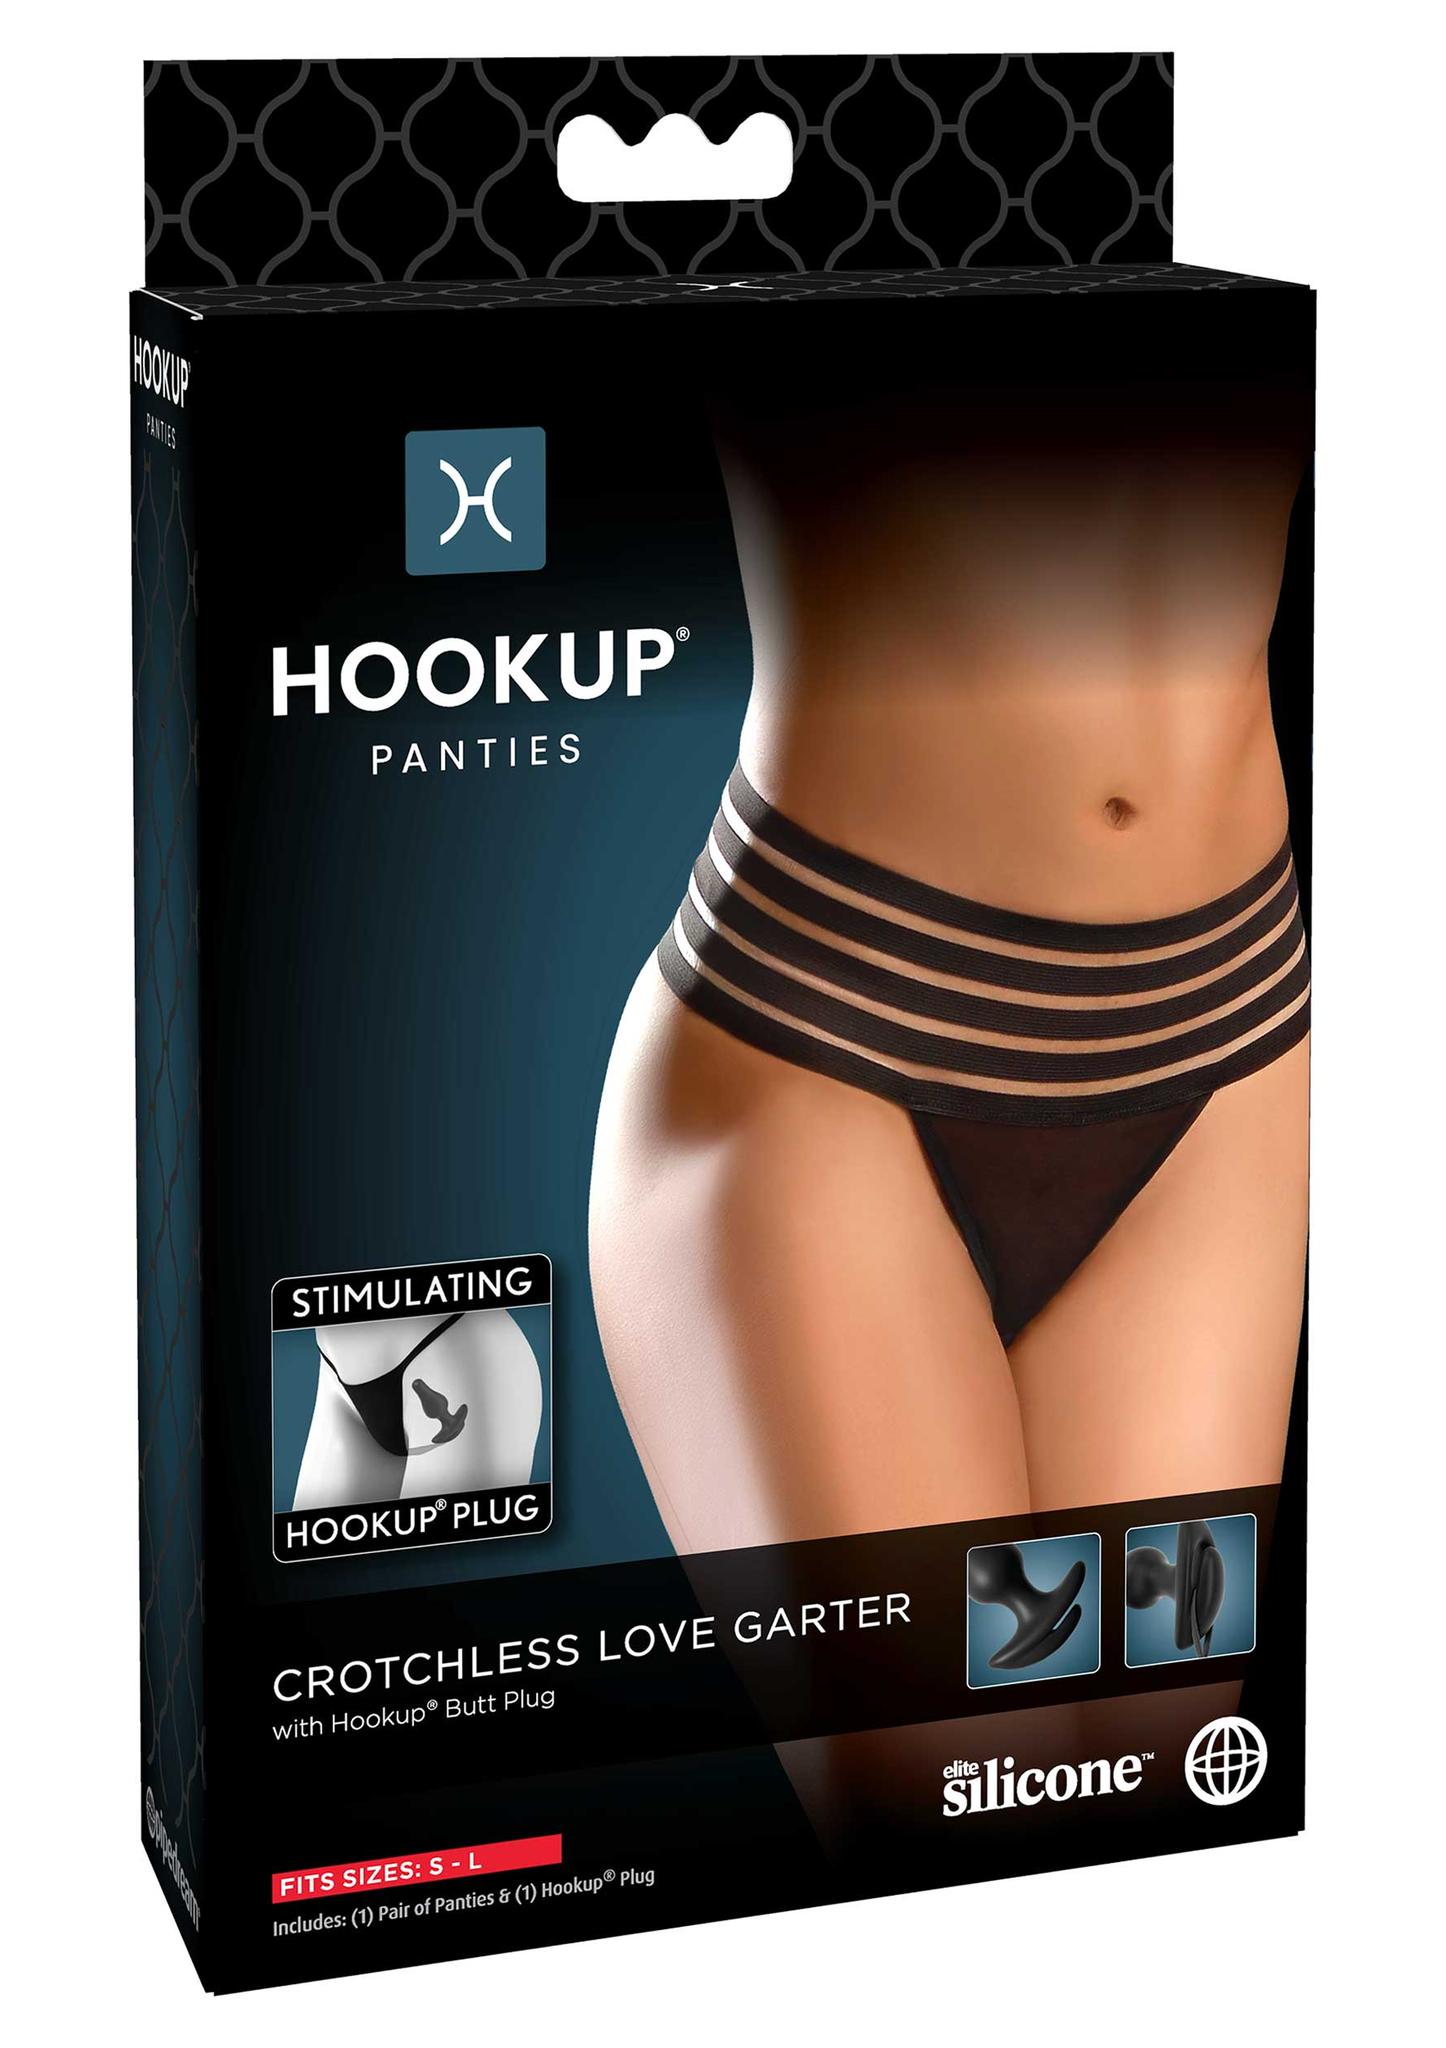 Hookup panties, Crotchless Love Garter